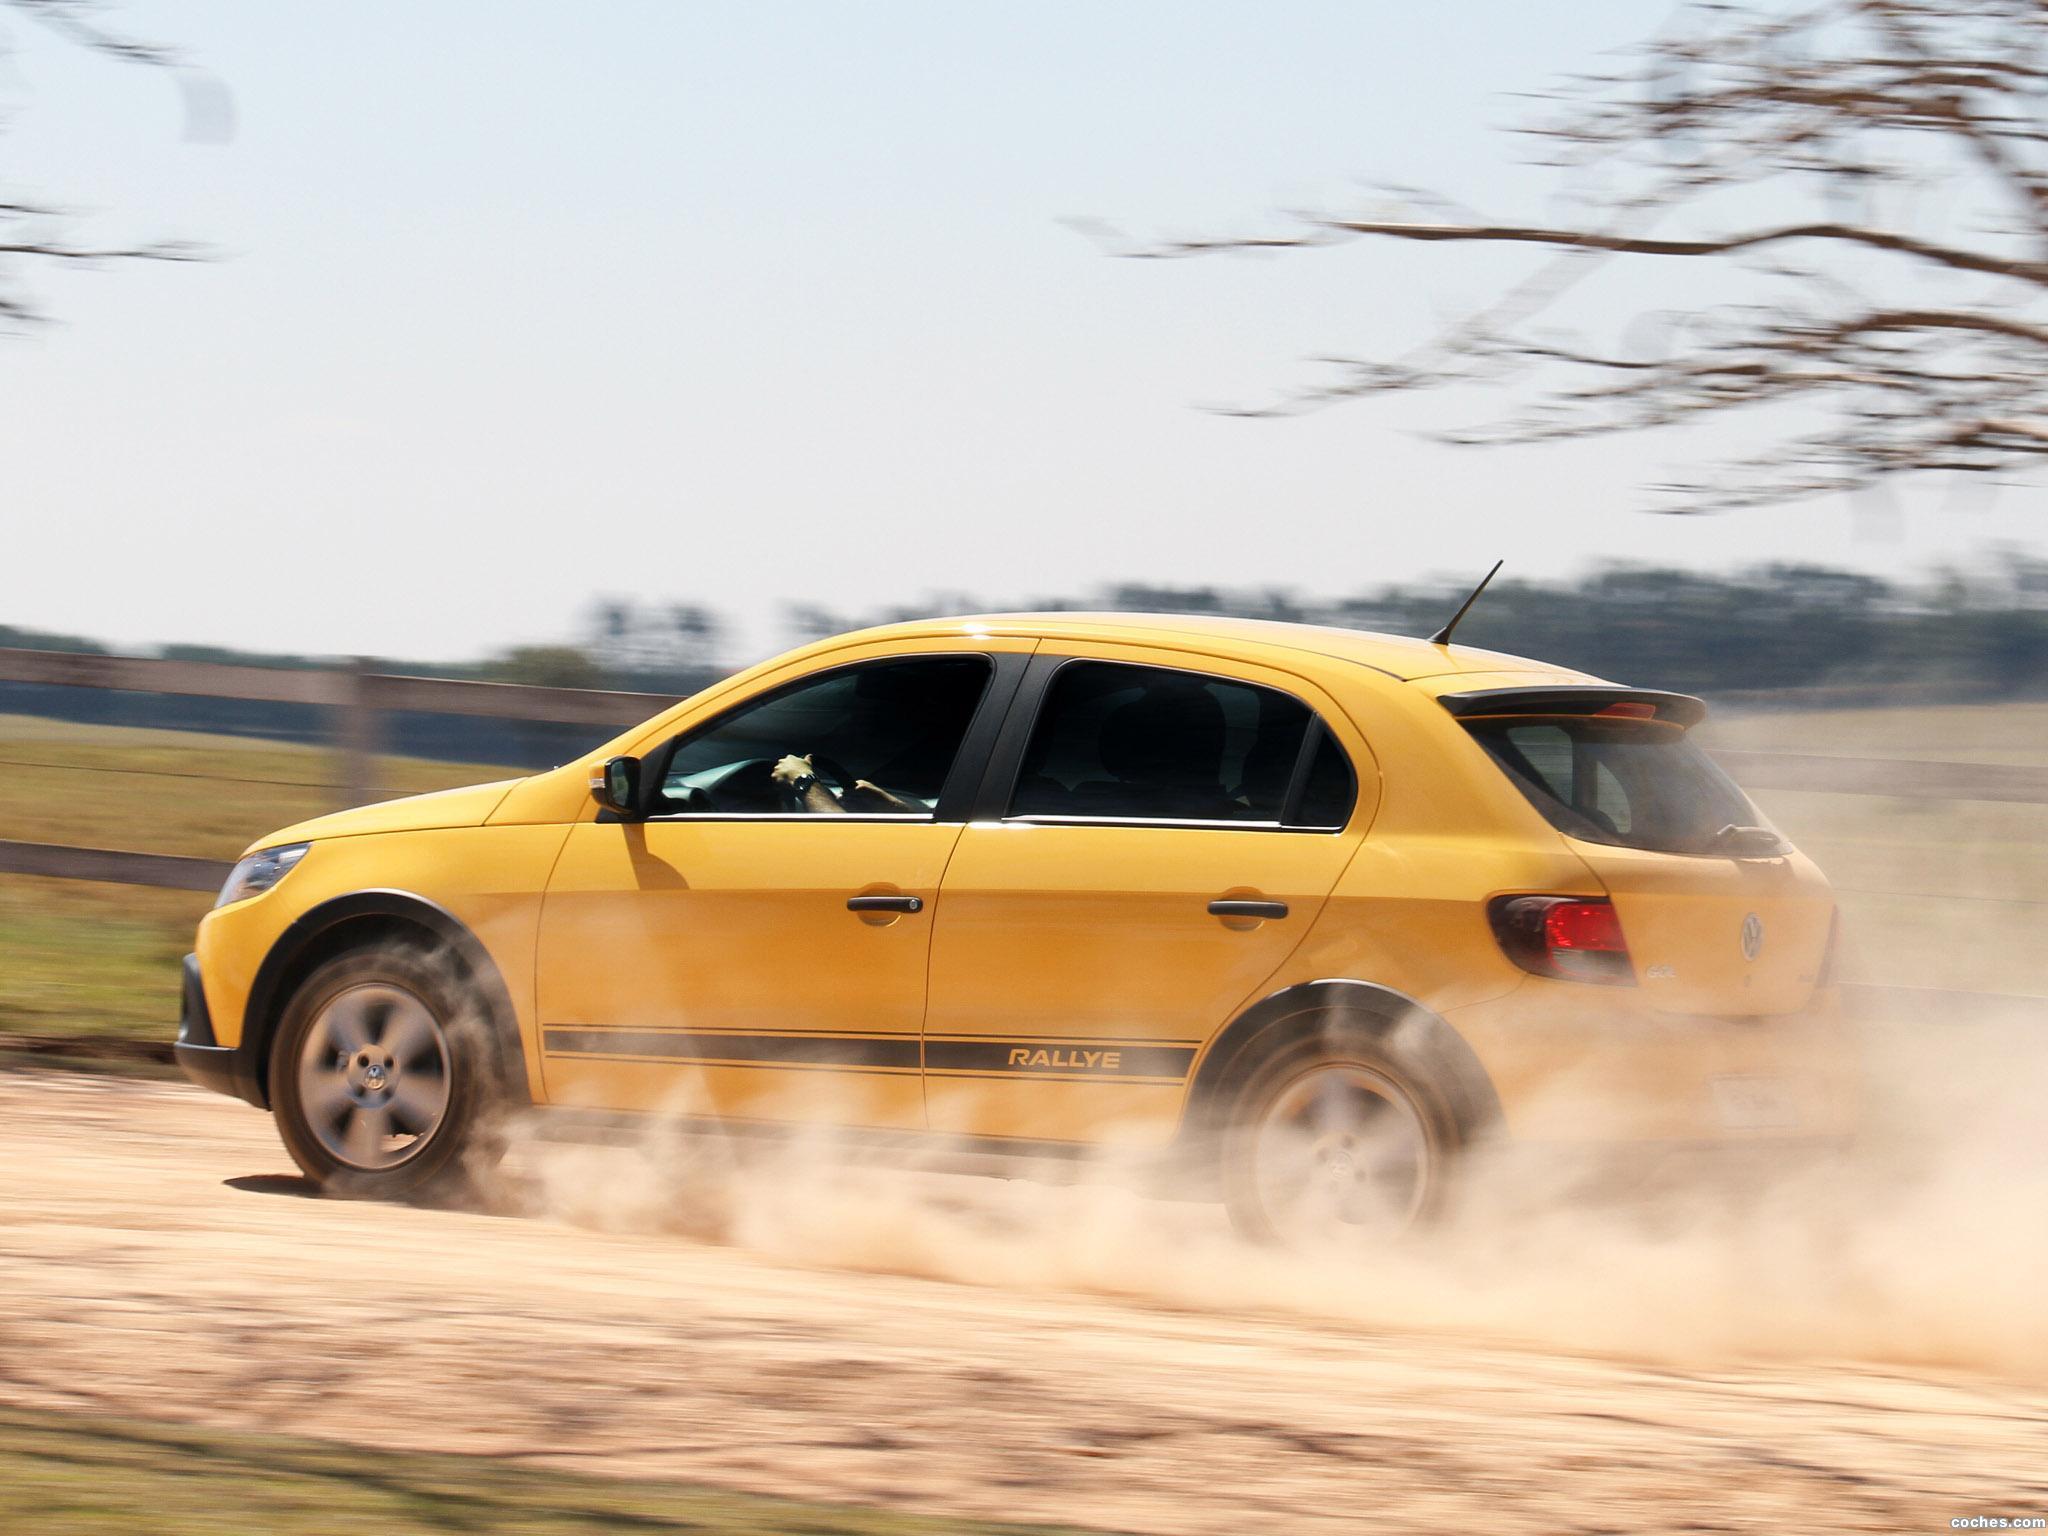 Foto 3 de Volkswagen Gol Rallye 2010-2012